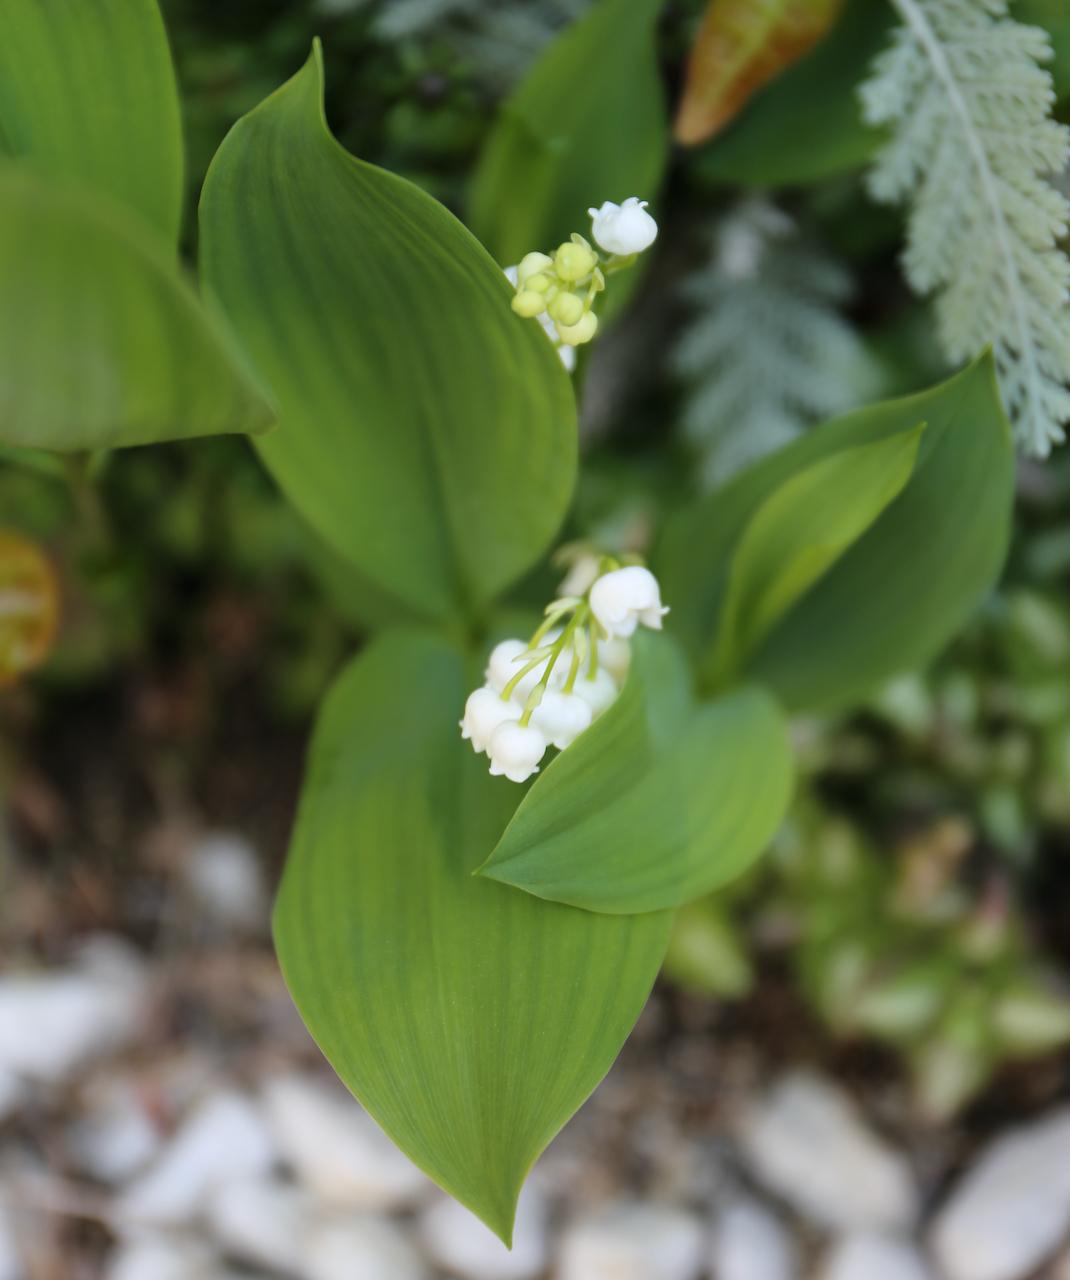 お庭のお花が満開・グリーンも綺麗!_1_3-2